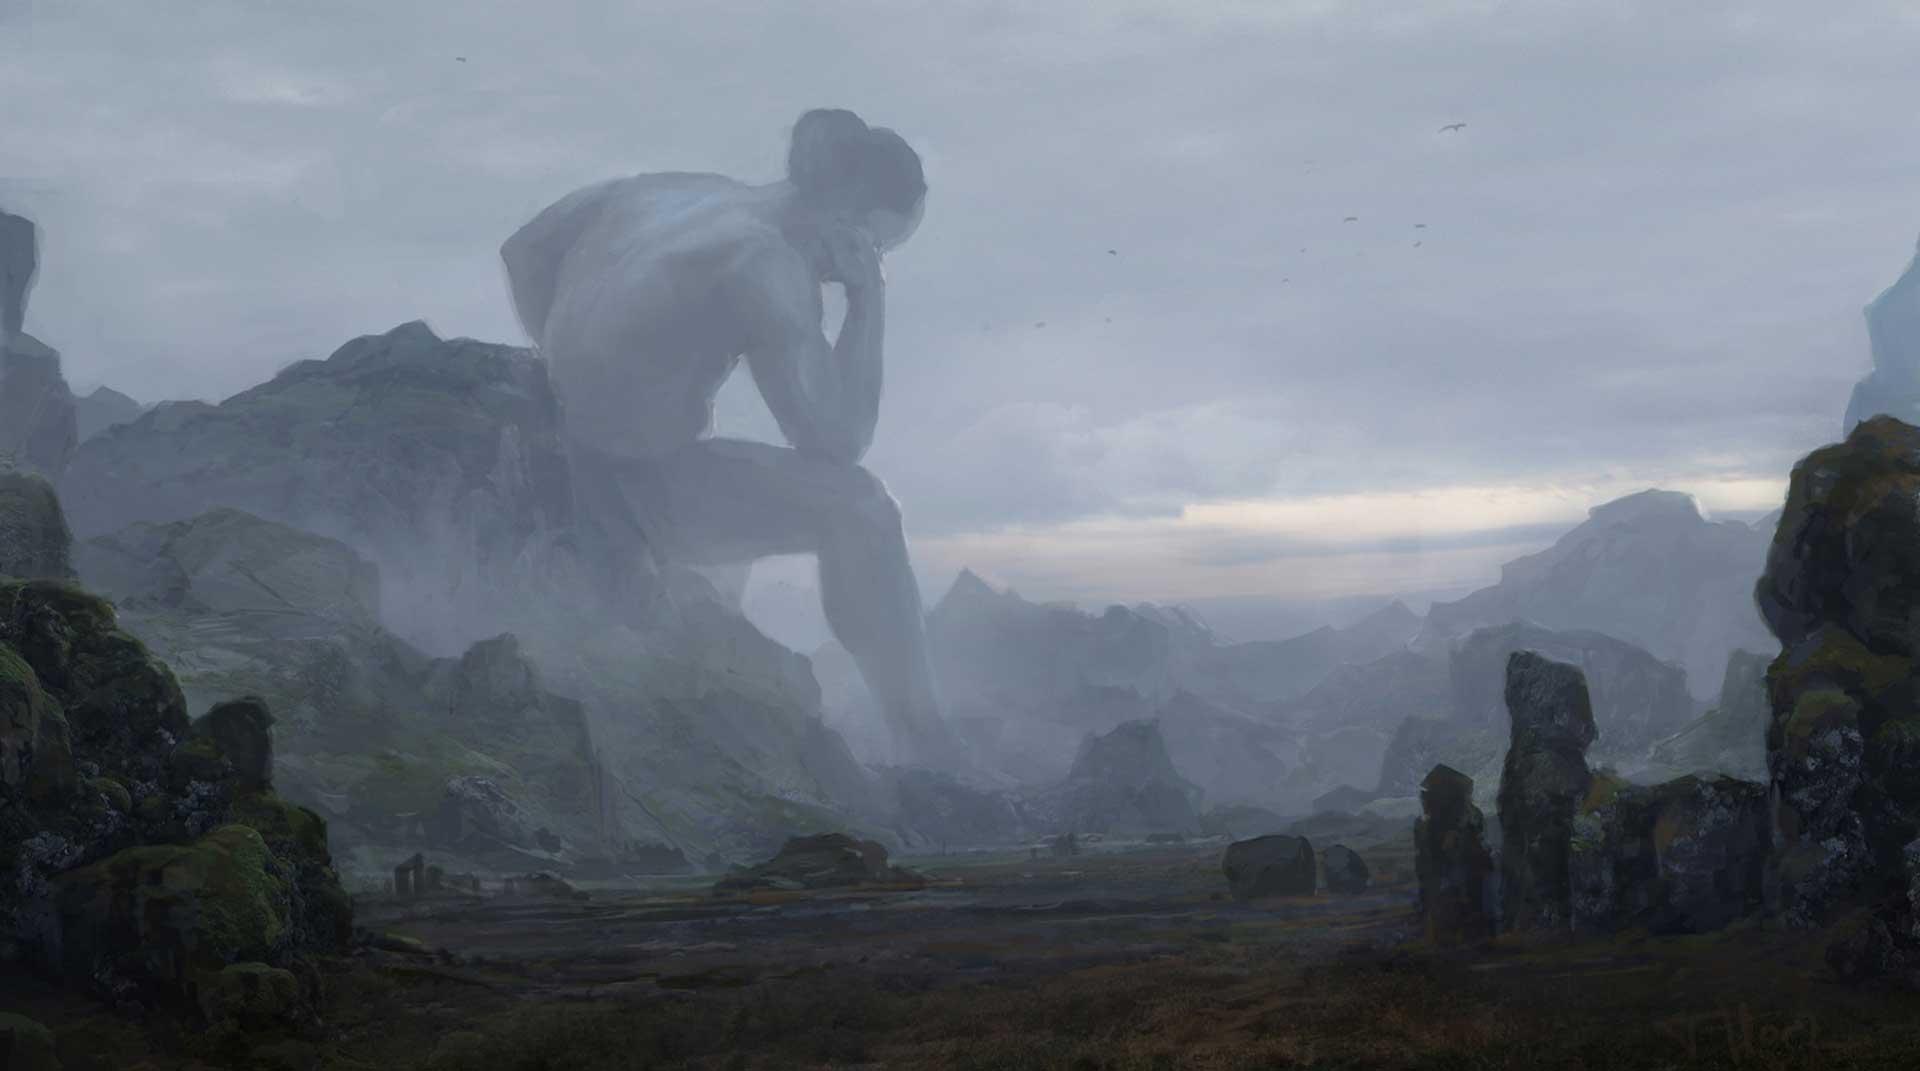 ¿Existieron los gigantes? Estas fotos tal vez sean la respuesta